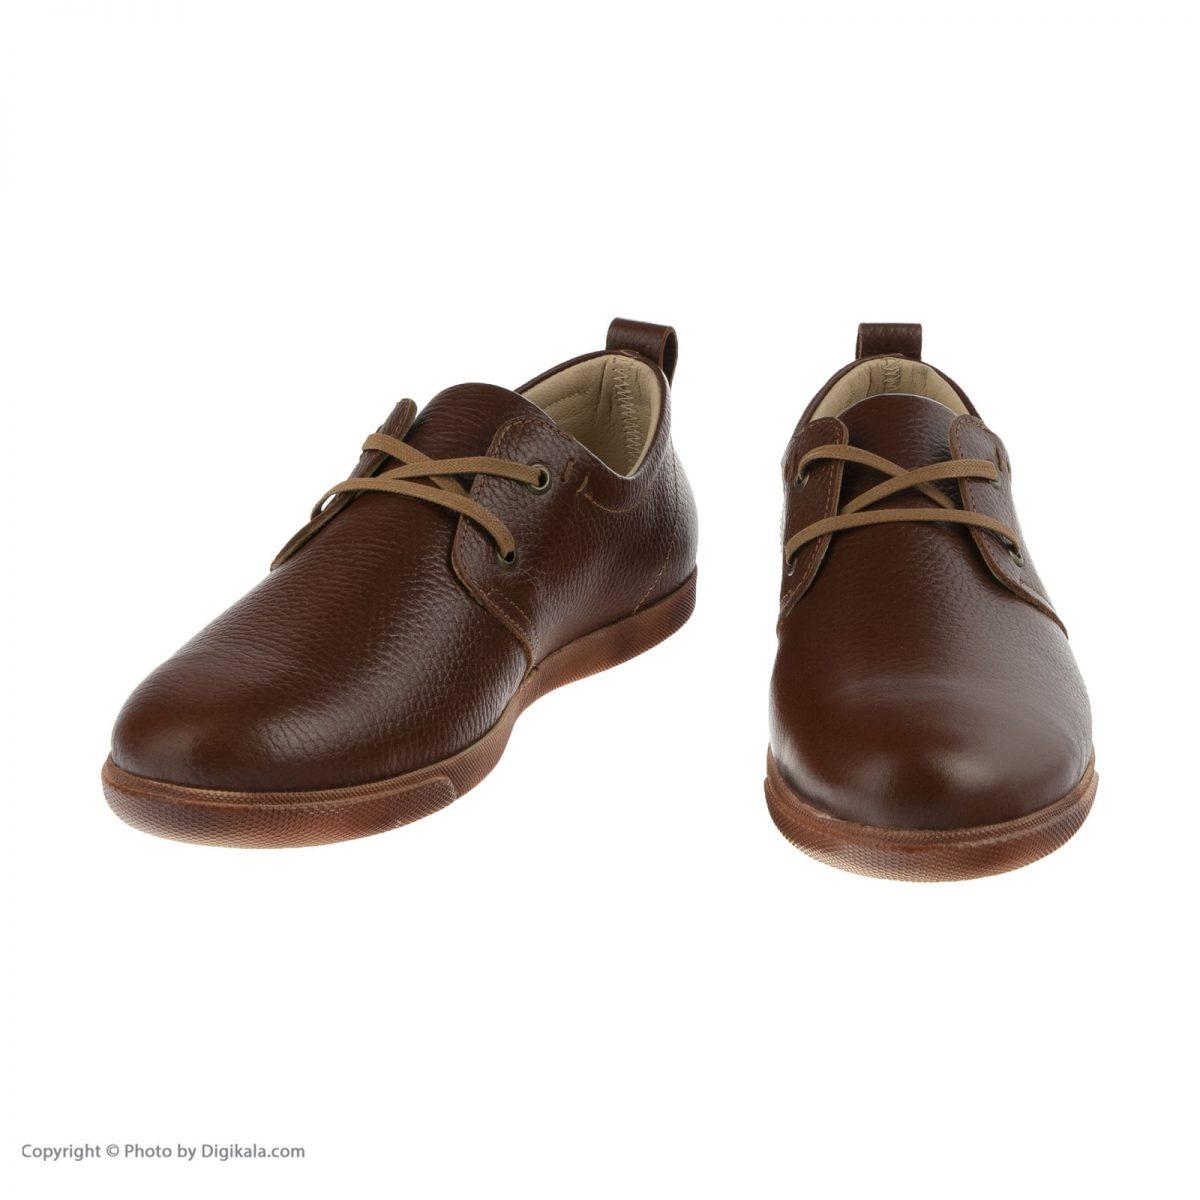 کفش روزمره | فروشگاه اینترنتی هفت قلم | آرایشی بهداشتی، مد و پوشاک